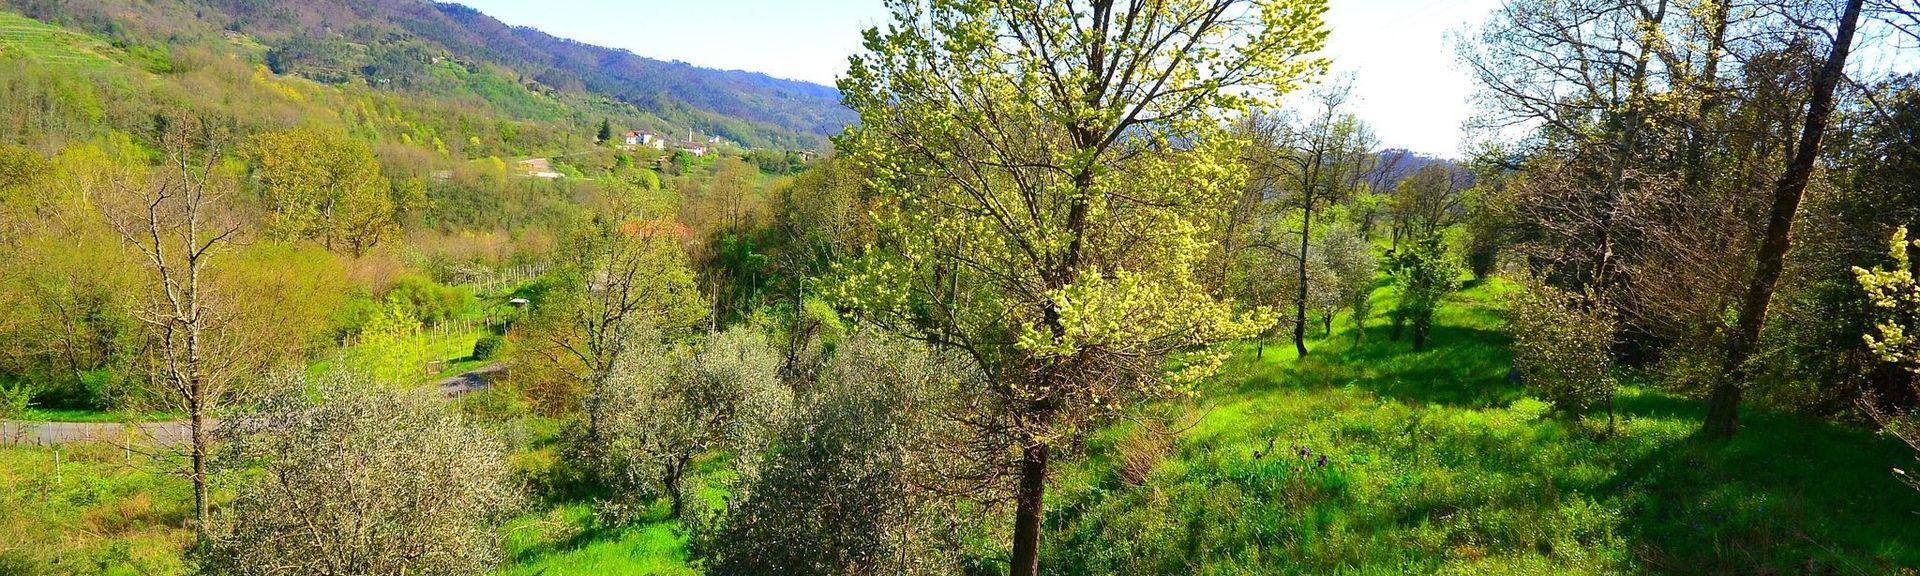 Beverino SP, Italy